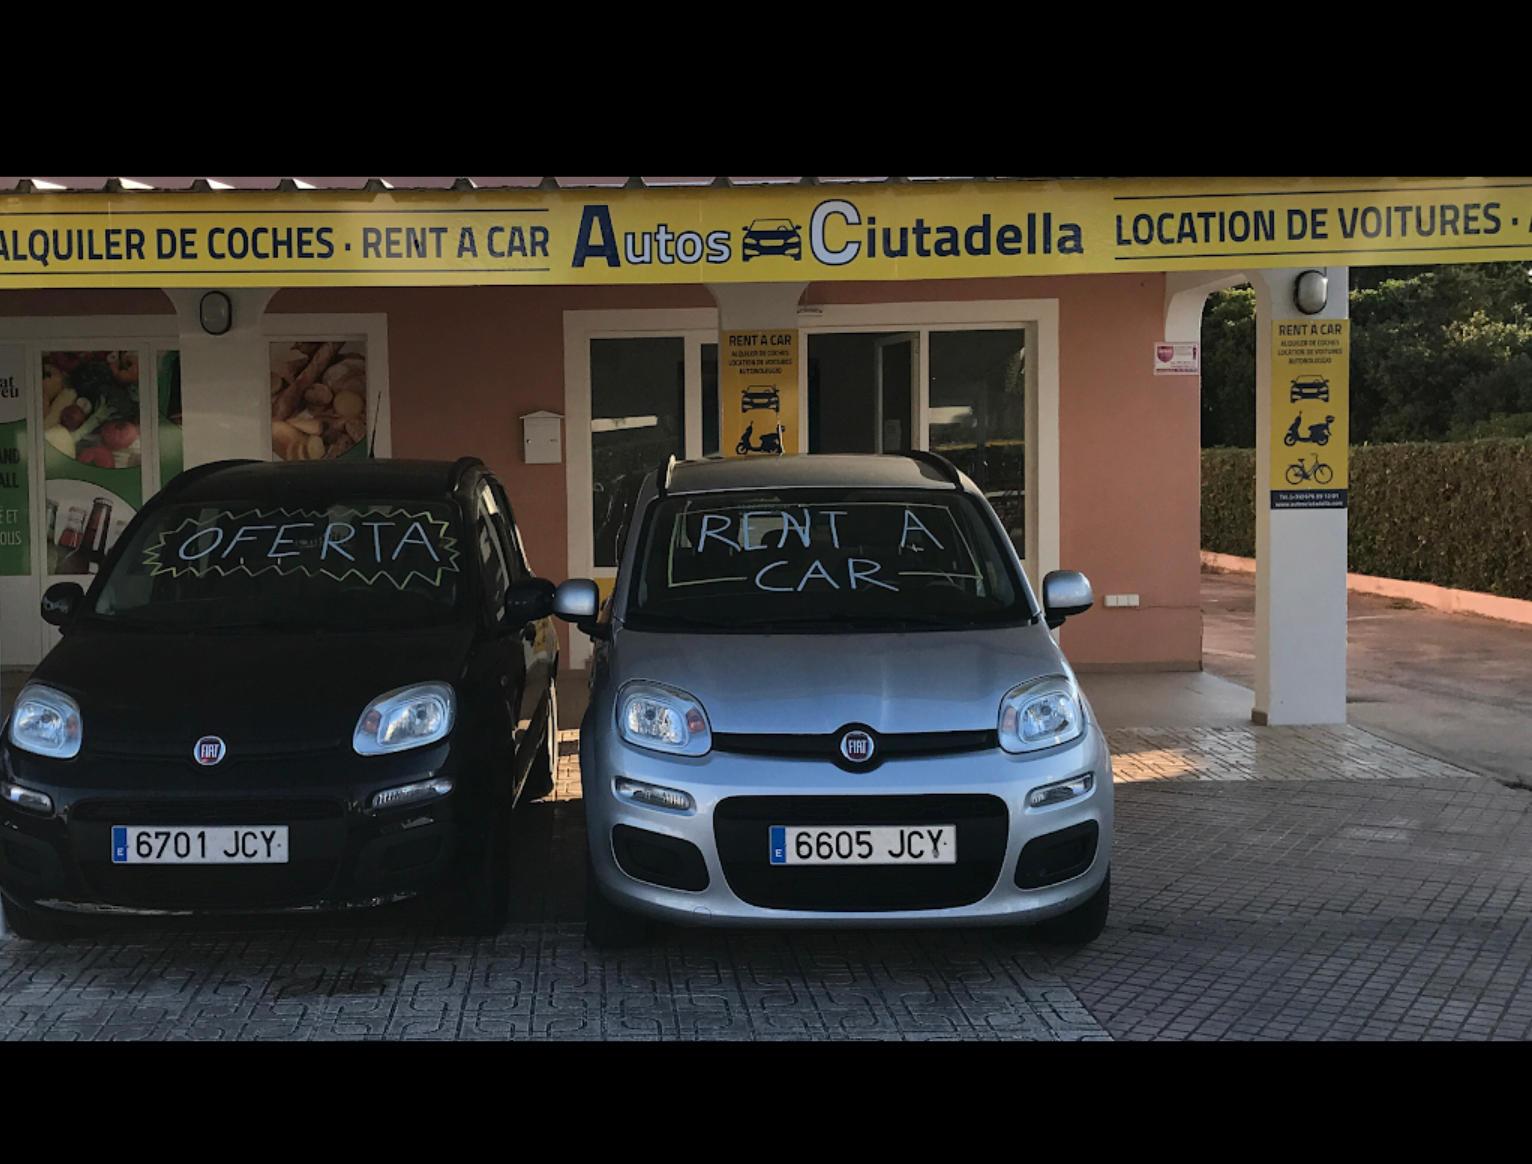 Autos Ciutadella